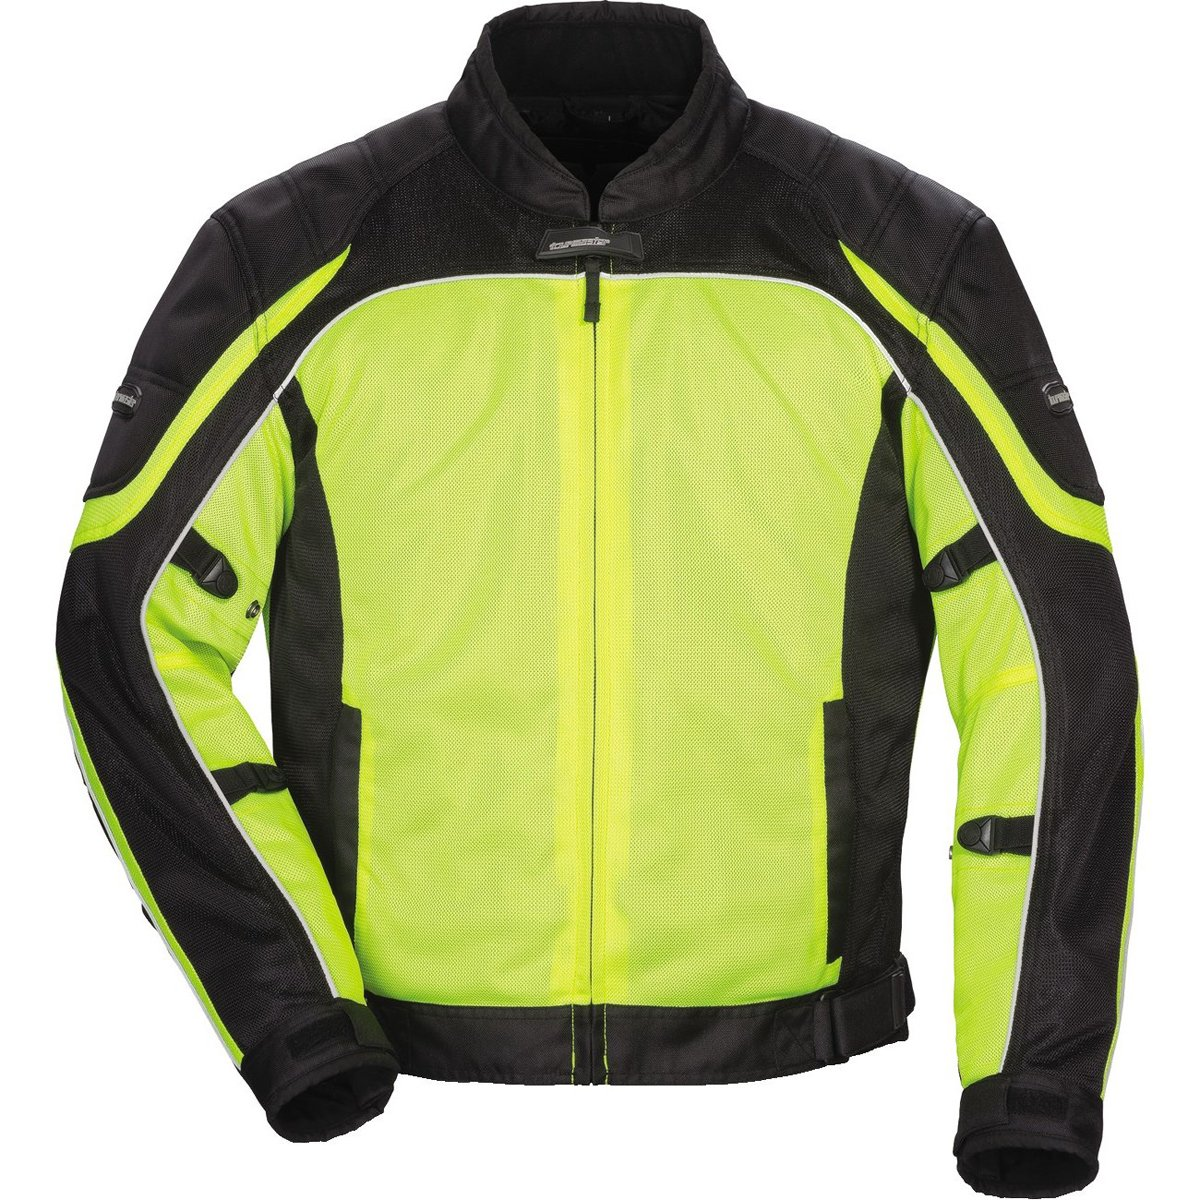 Tour Master Intake Air Series 4 Men's Textile Sports Bike Racing Motorcycle Jacket - Hi-Viz Yellow/Black / 2X-Large